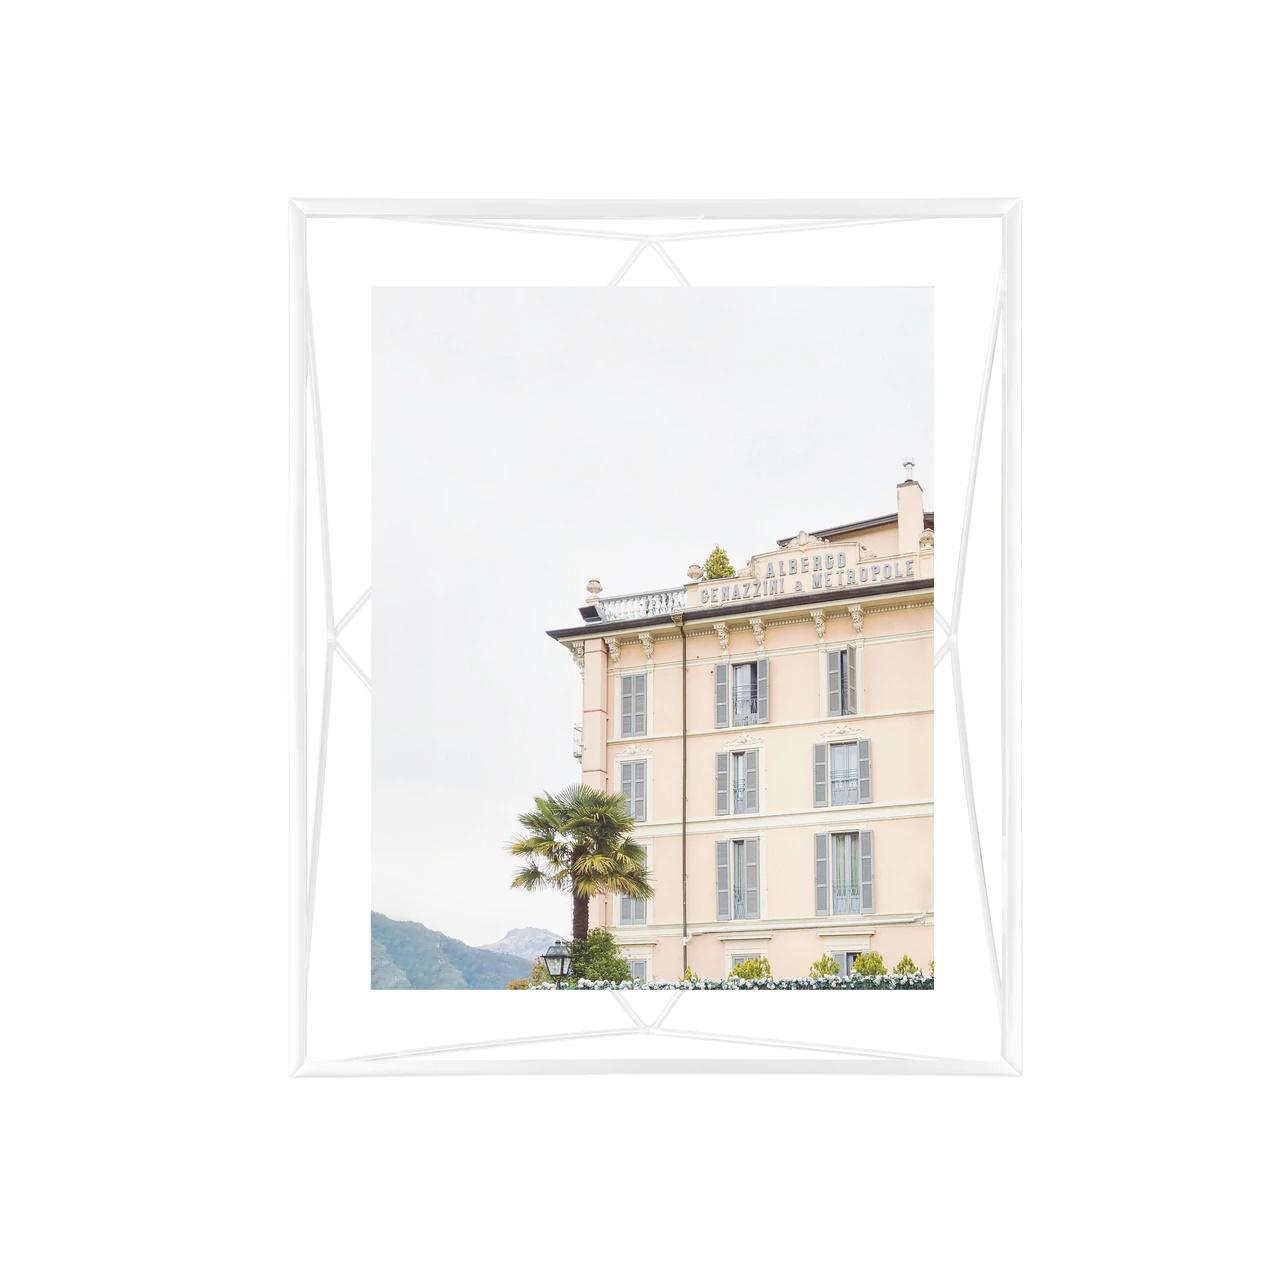 Prisma 8x10 photo display white